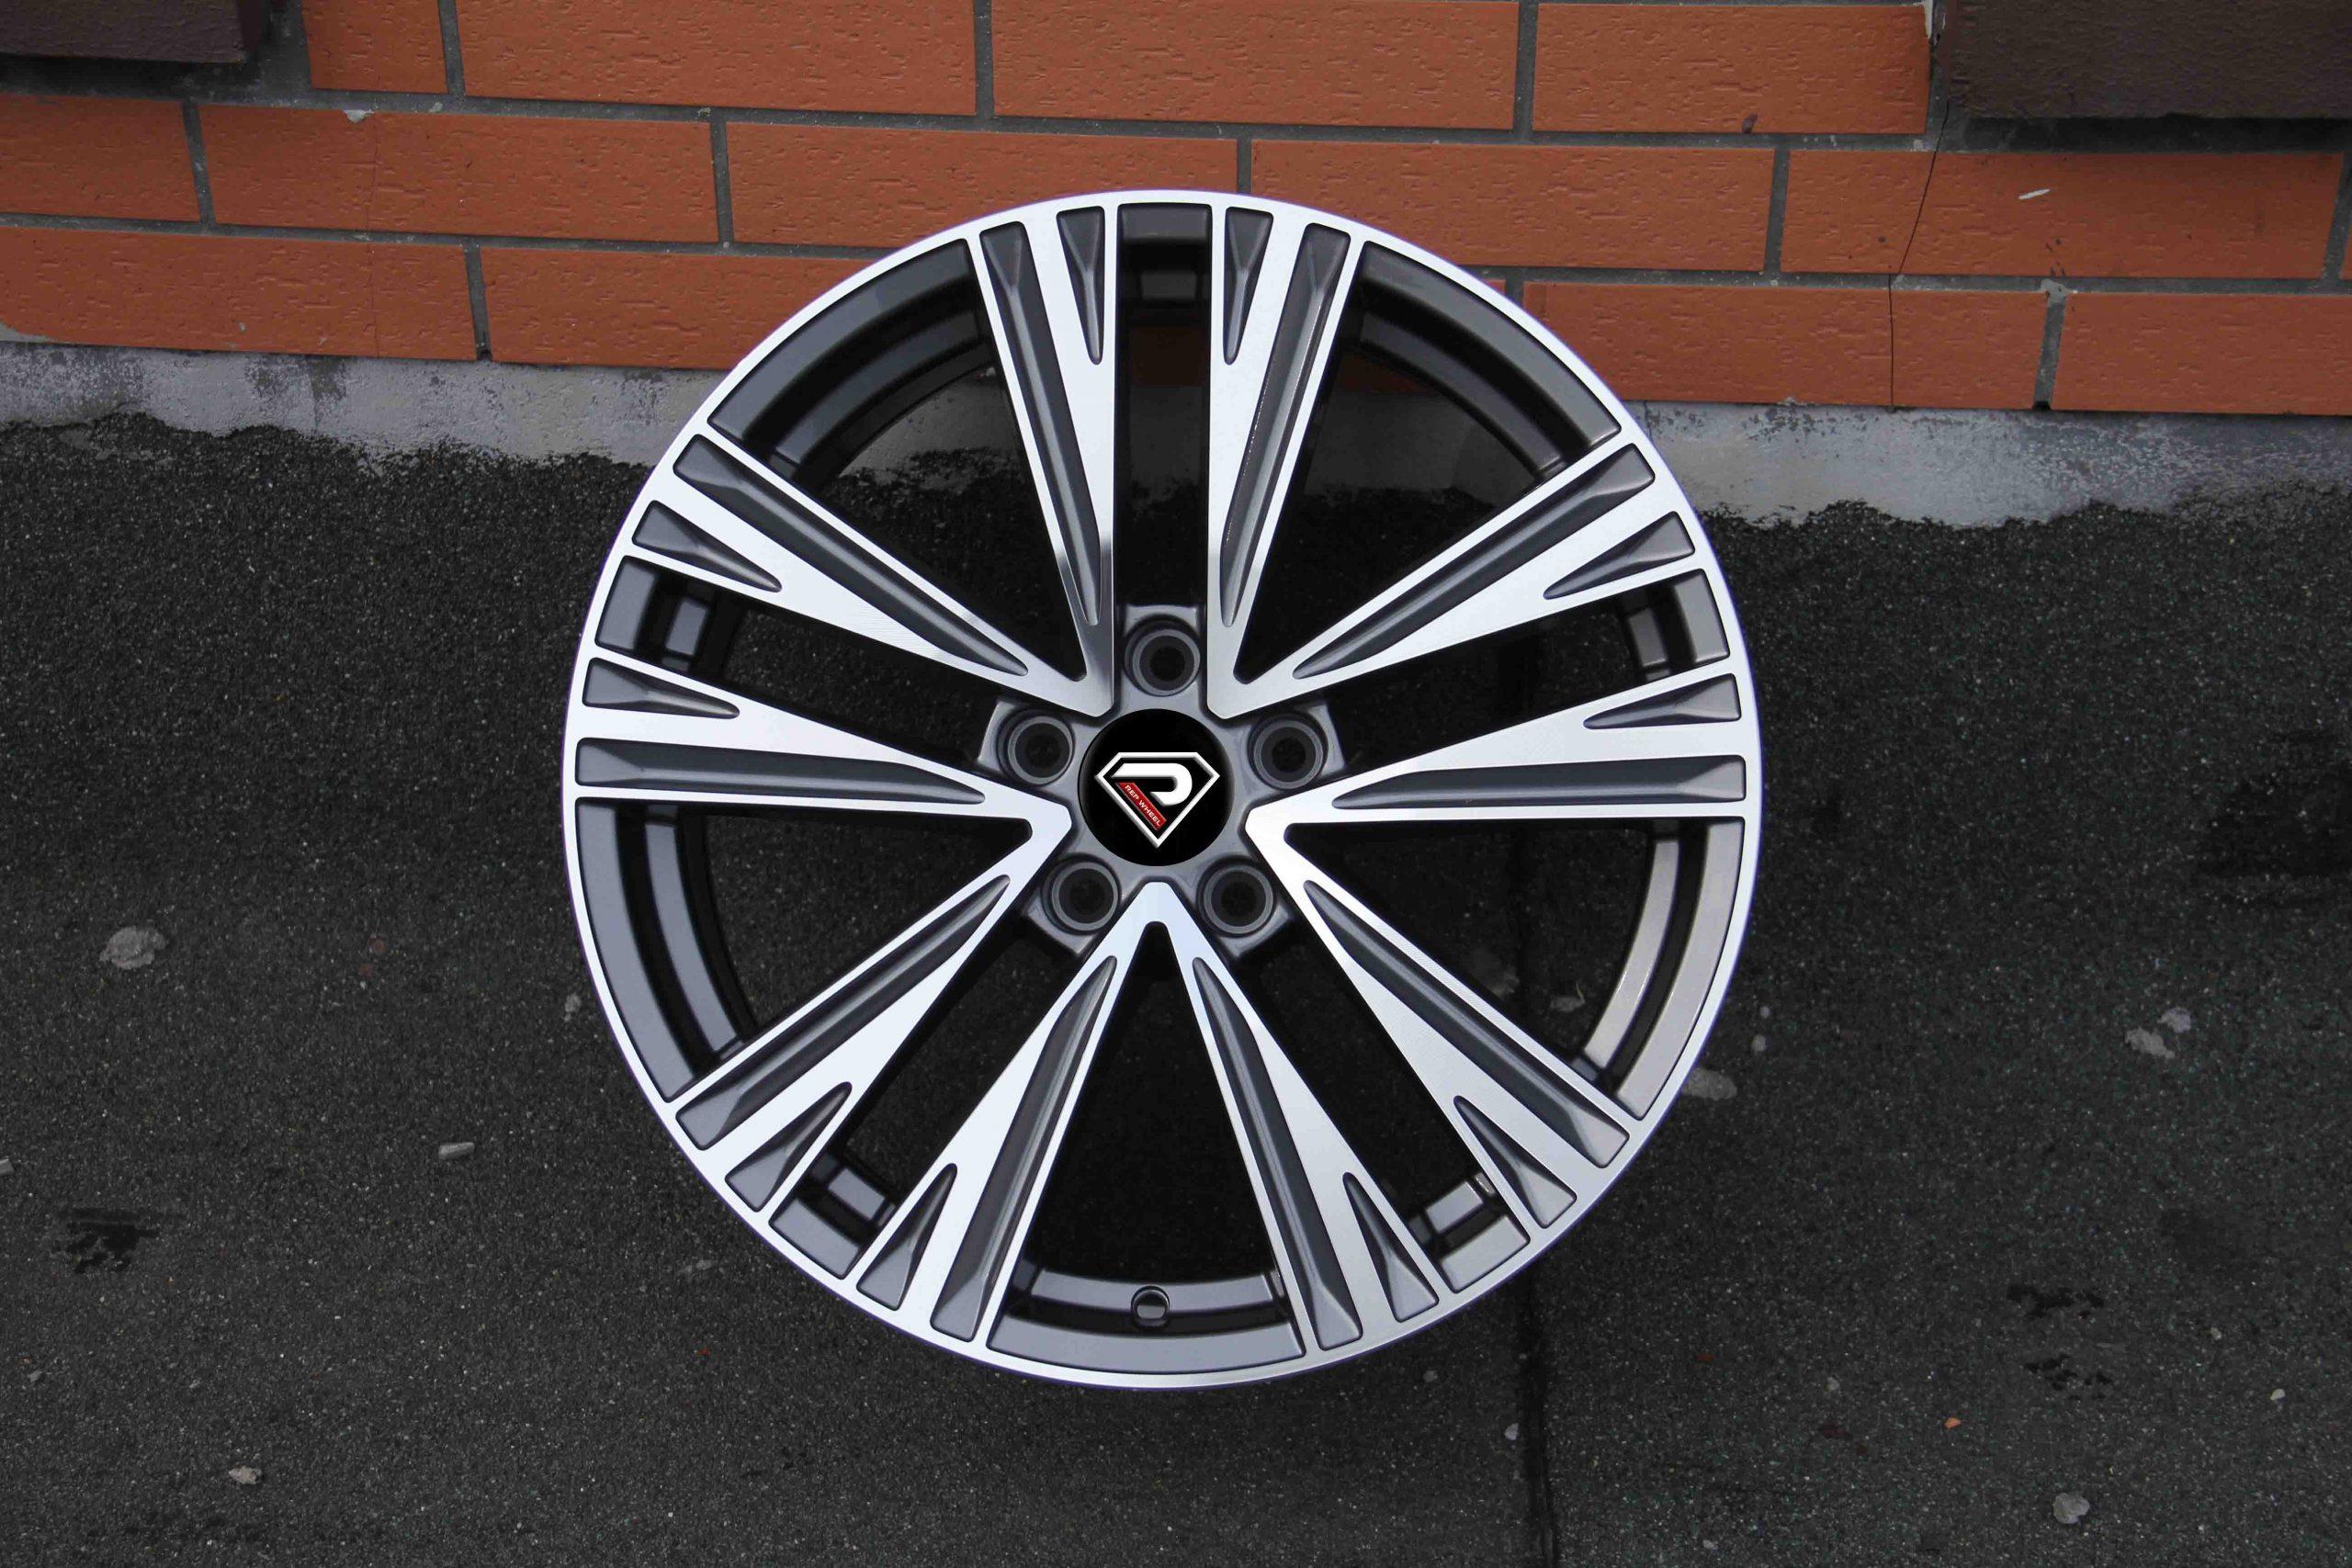 Wheelshome 6103 1819 inch in GMF A6 Alloy wheels IN FRONT WHEELS